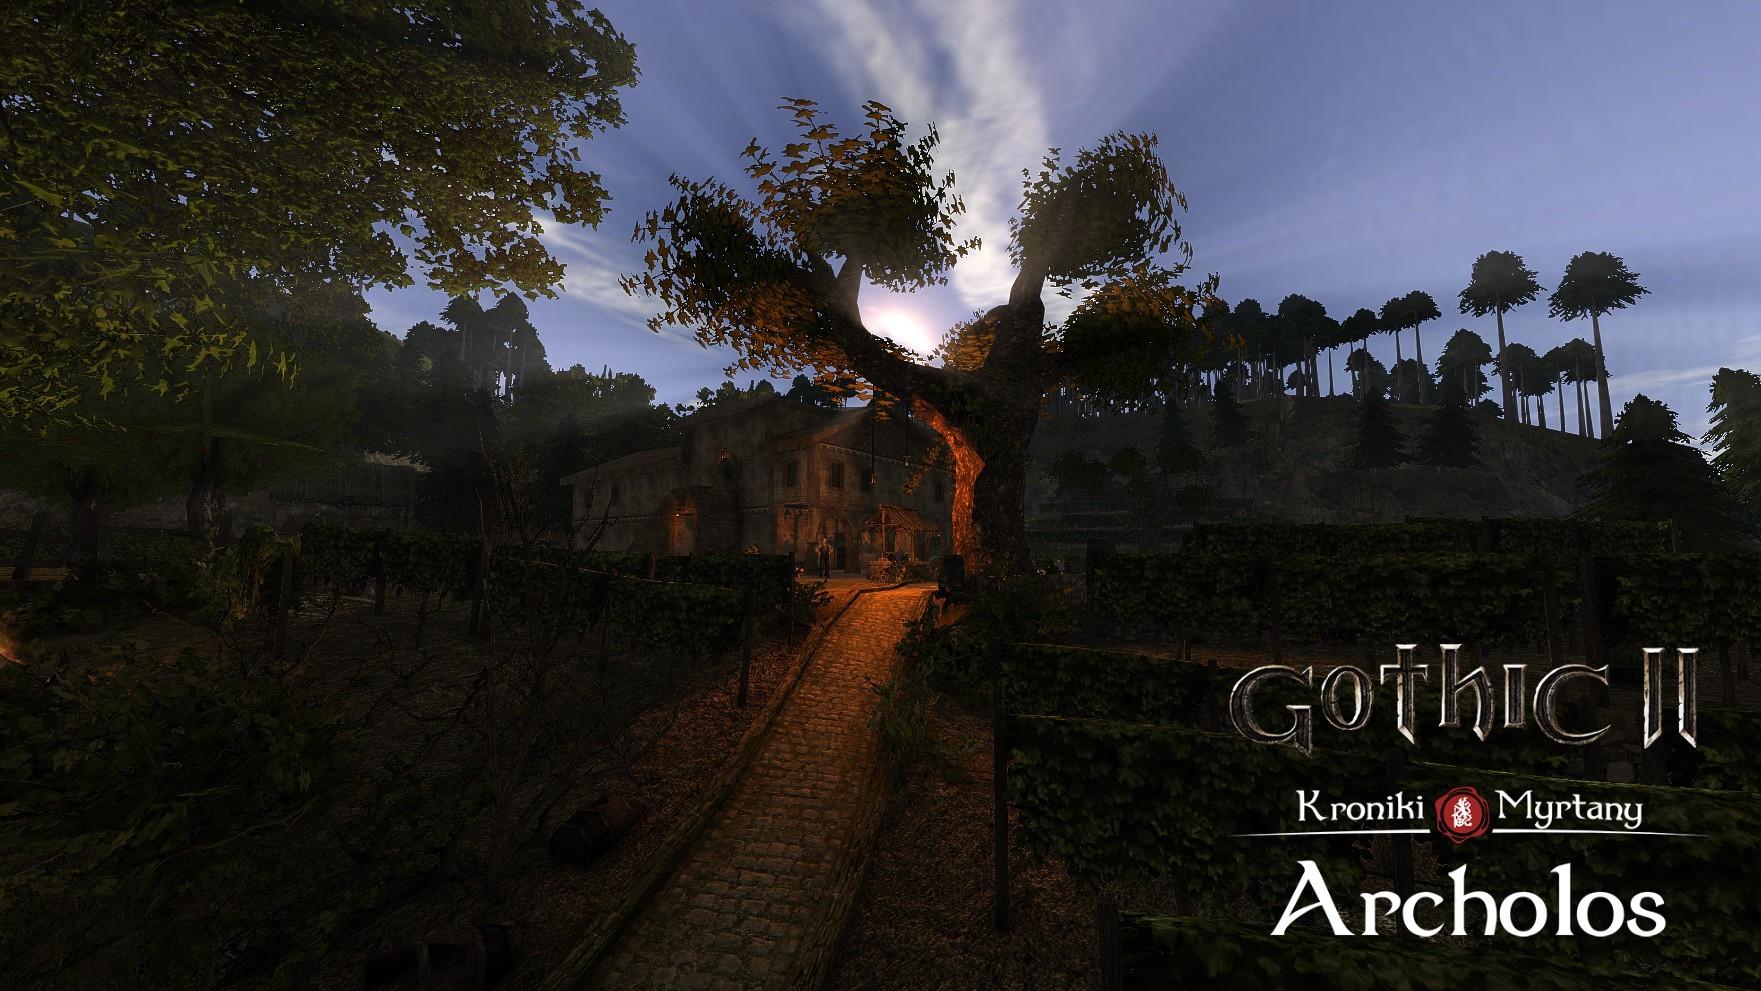 Создатели модификации «Готика II: Хроники Миртаны» показали кадры геймплея